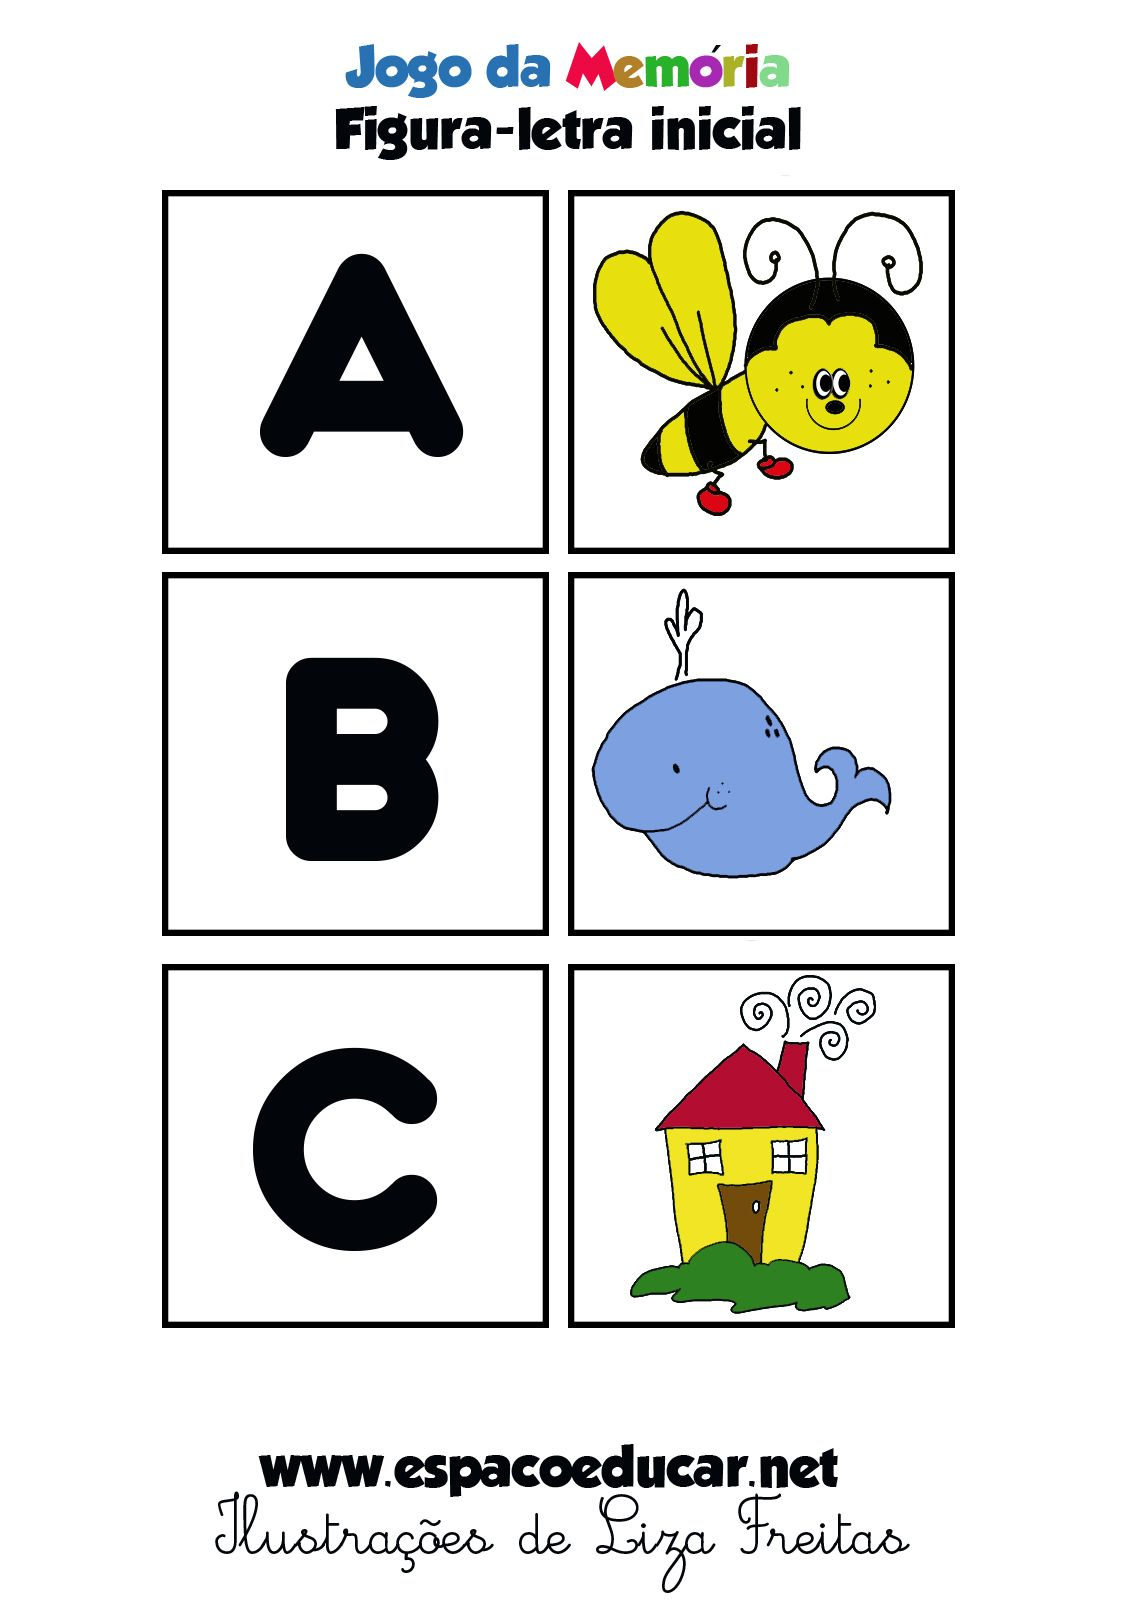 Jogo Educativo Para Imprimir Brincar E Aprender Em Dois Formatos Colorido E Em Preto E B Jogos Educativos Jogos De Alfabetizacao Atividades De Alfabetizacao